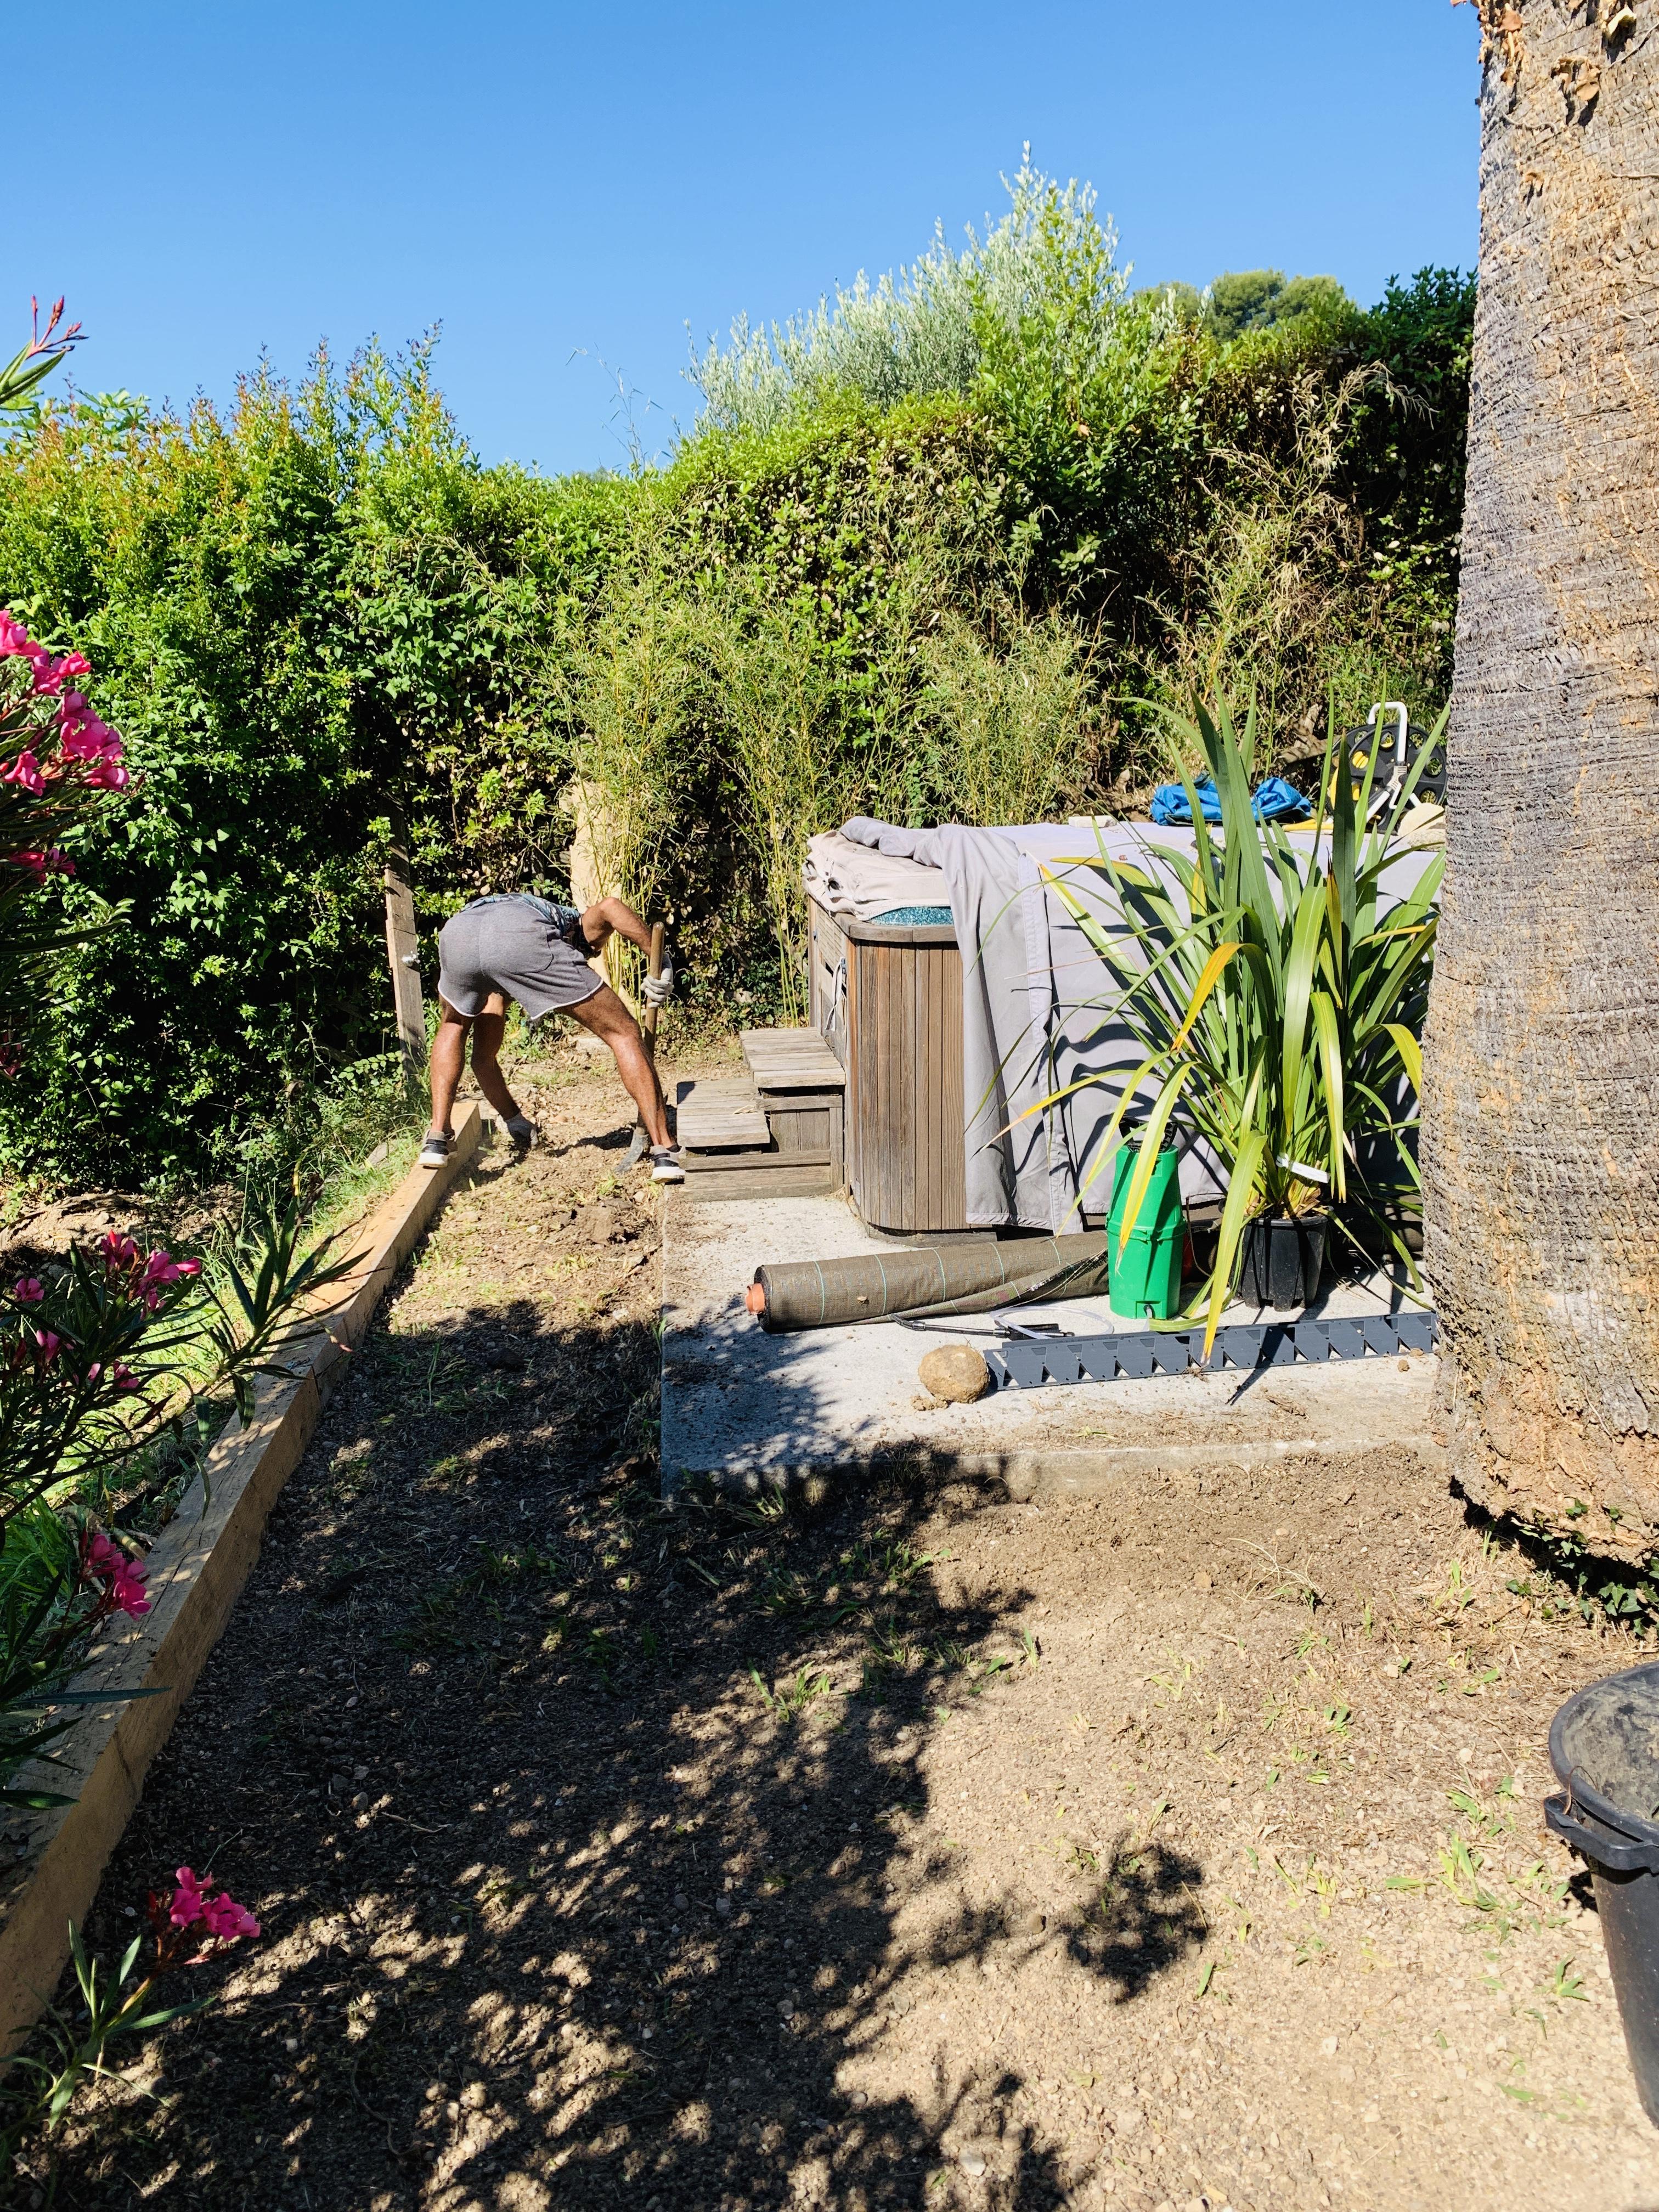 Installation des poutres de chênes qui serviront de retenus pour les graviers ainsi que de séparateurs entre les planches.